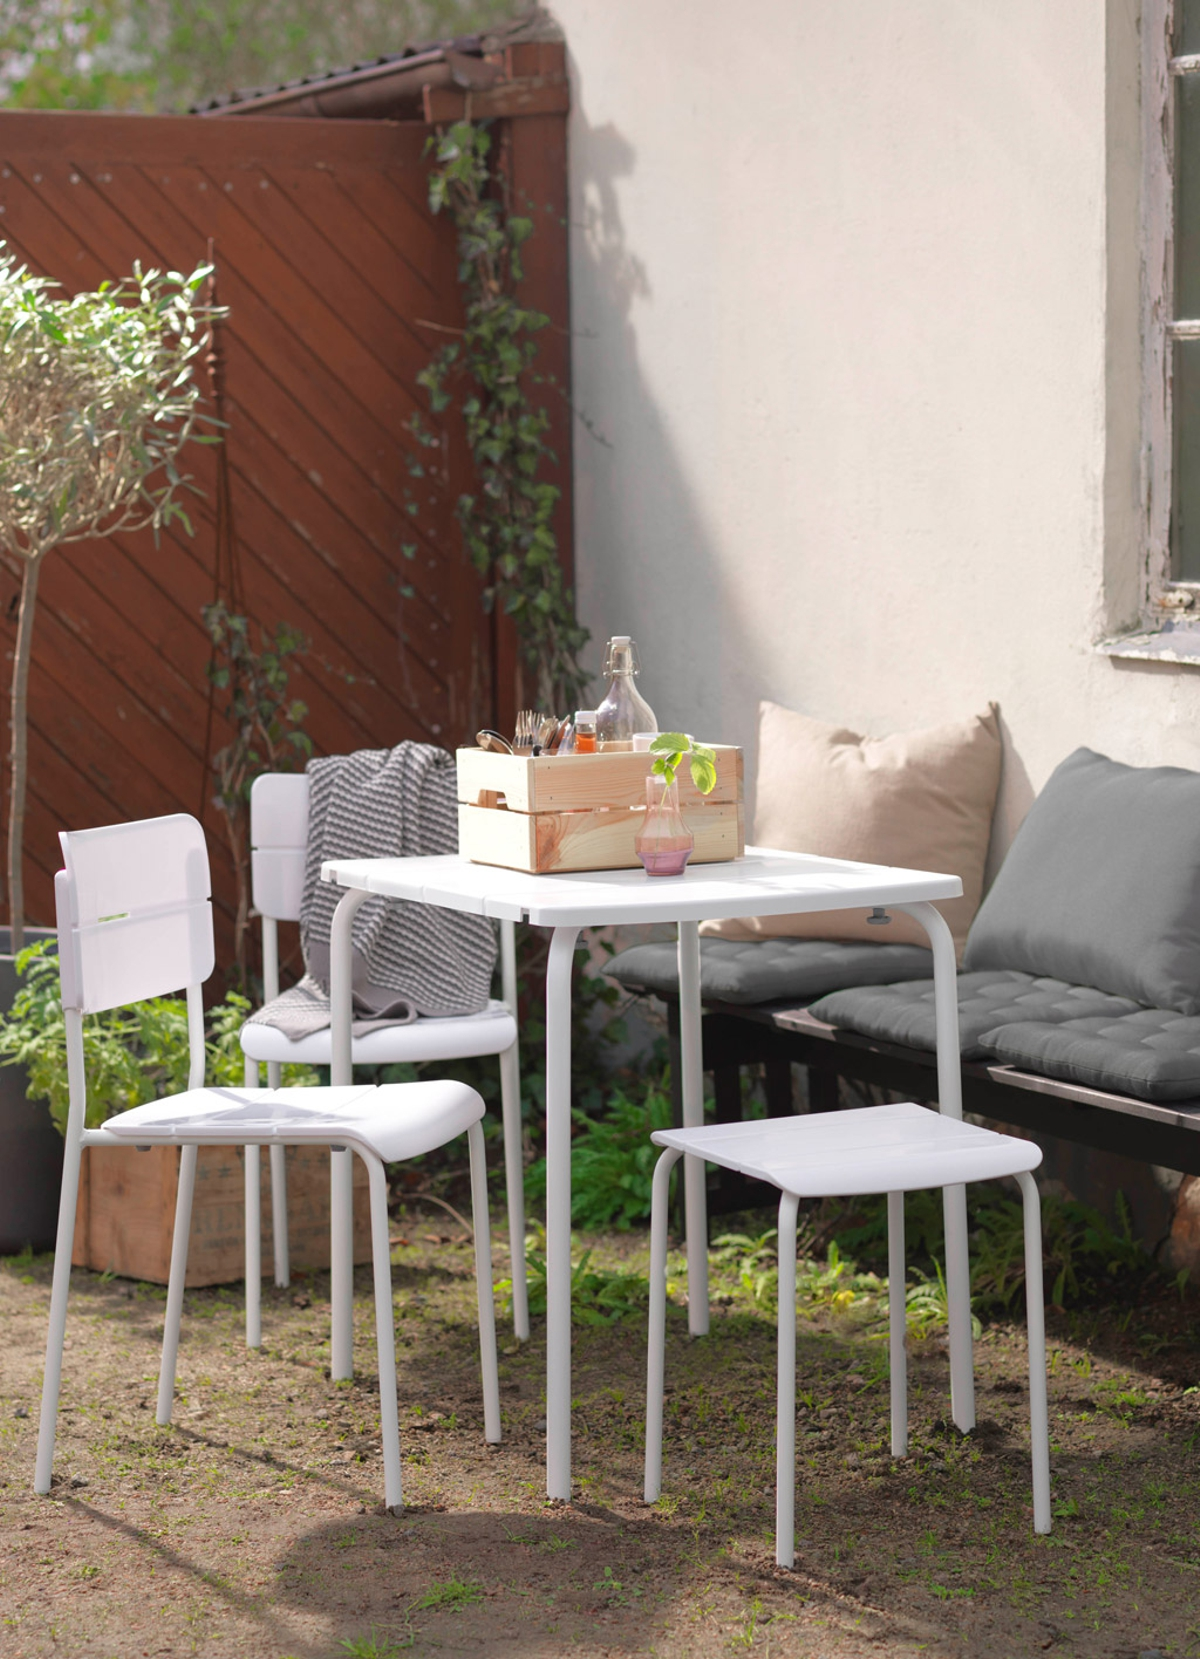 muebles para el jardín de IKEA - mesa VÄDDÖ